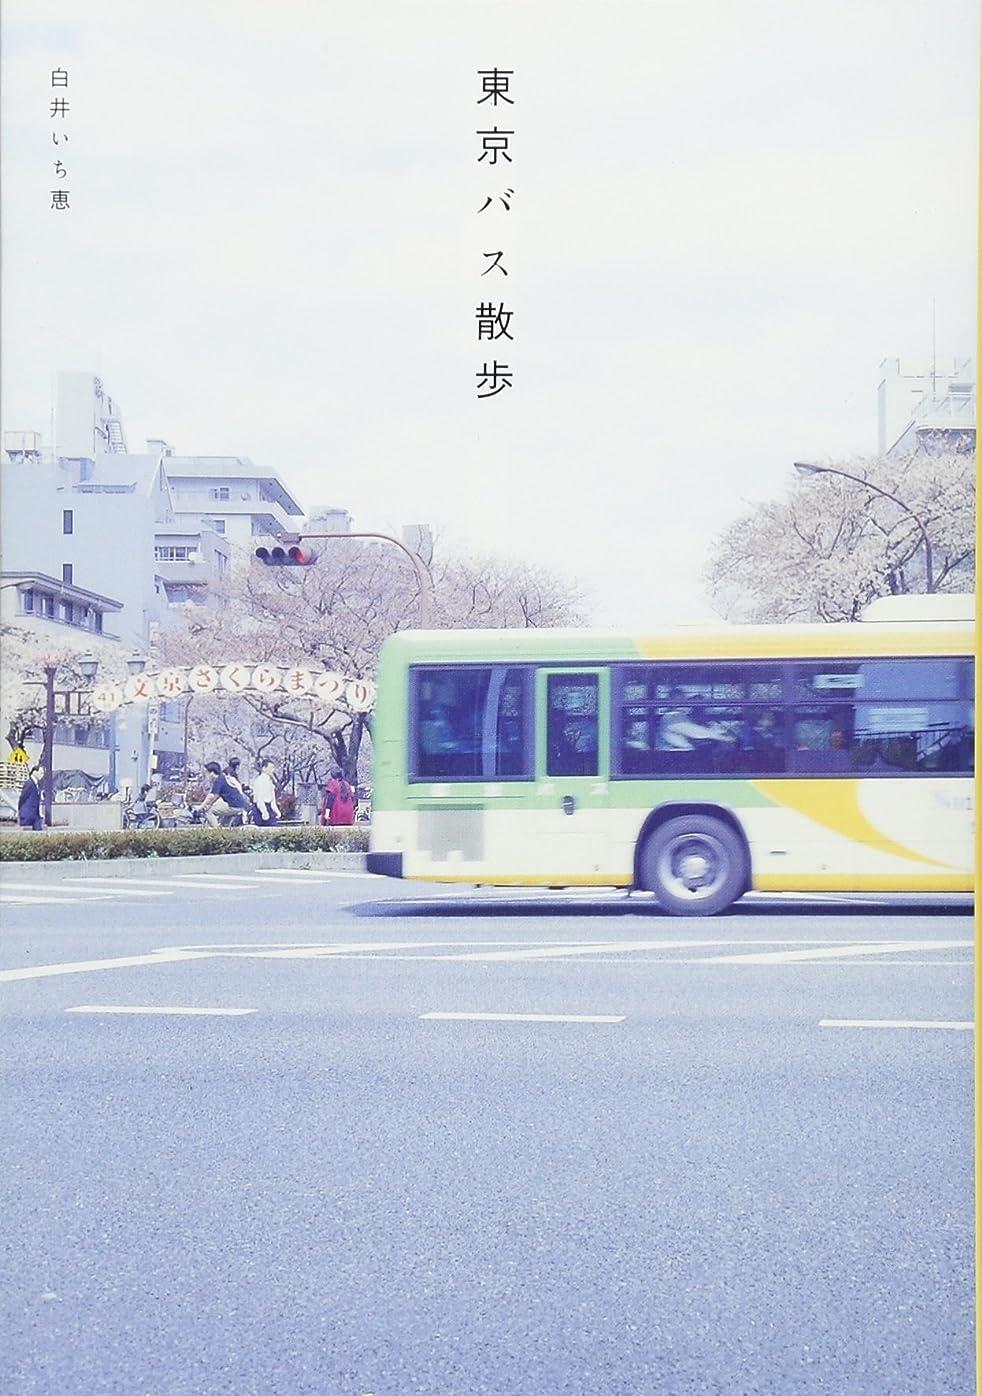 クリーナー包囲食器棚東京バス散歩